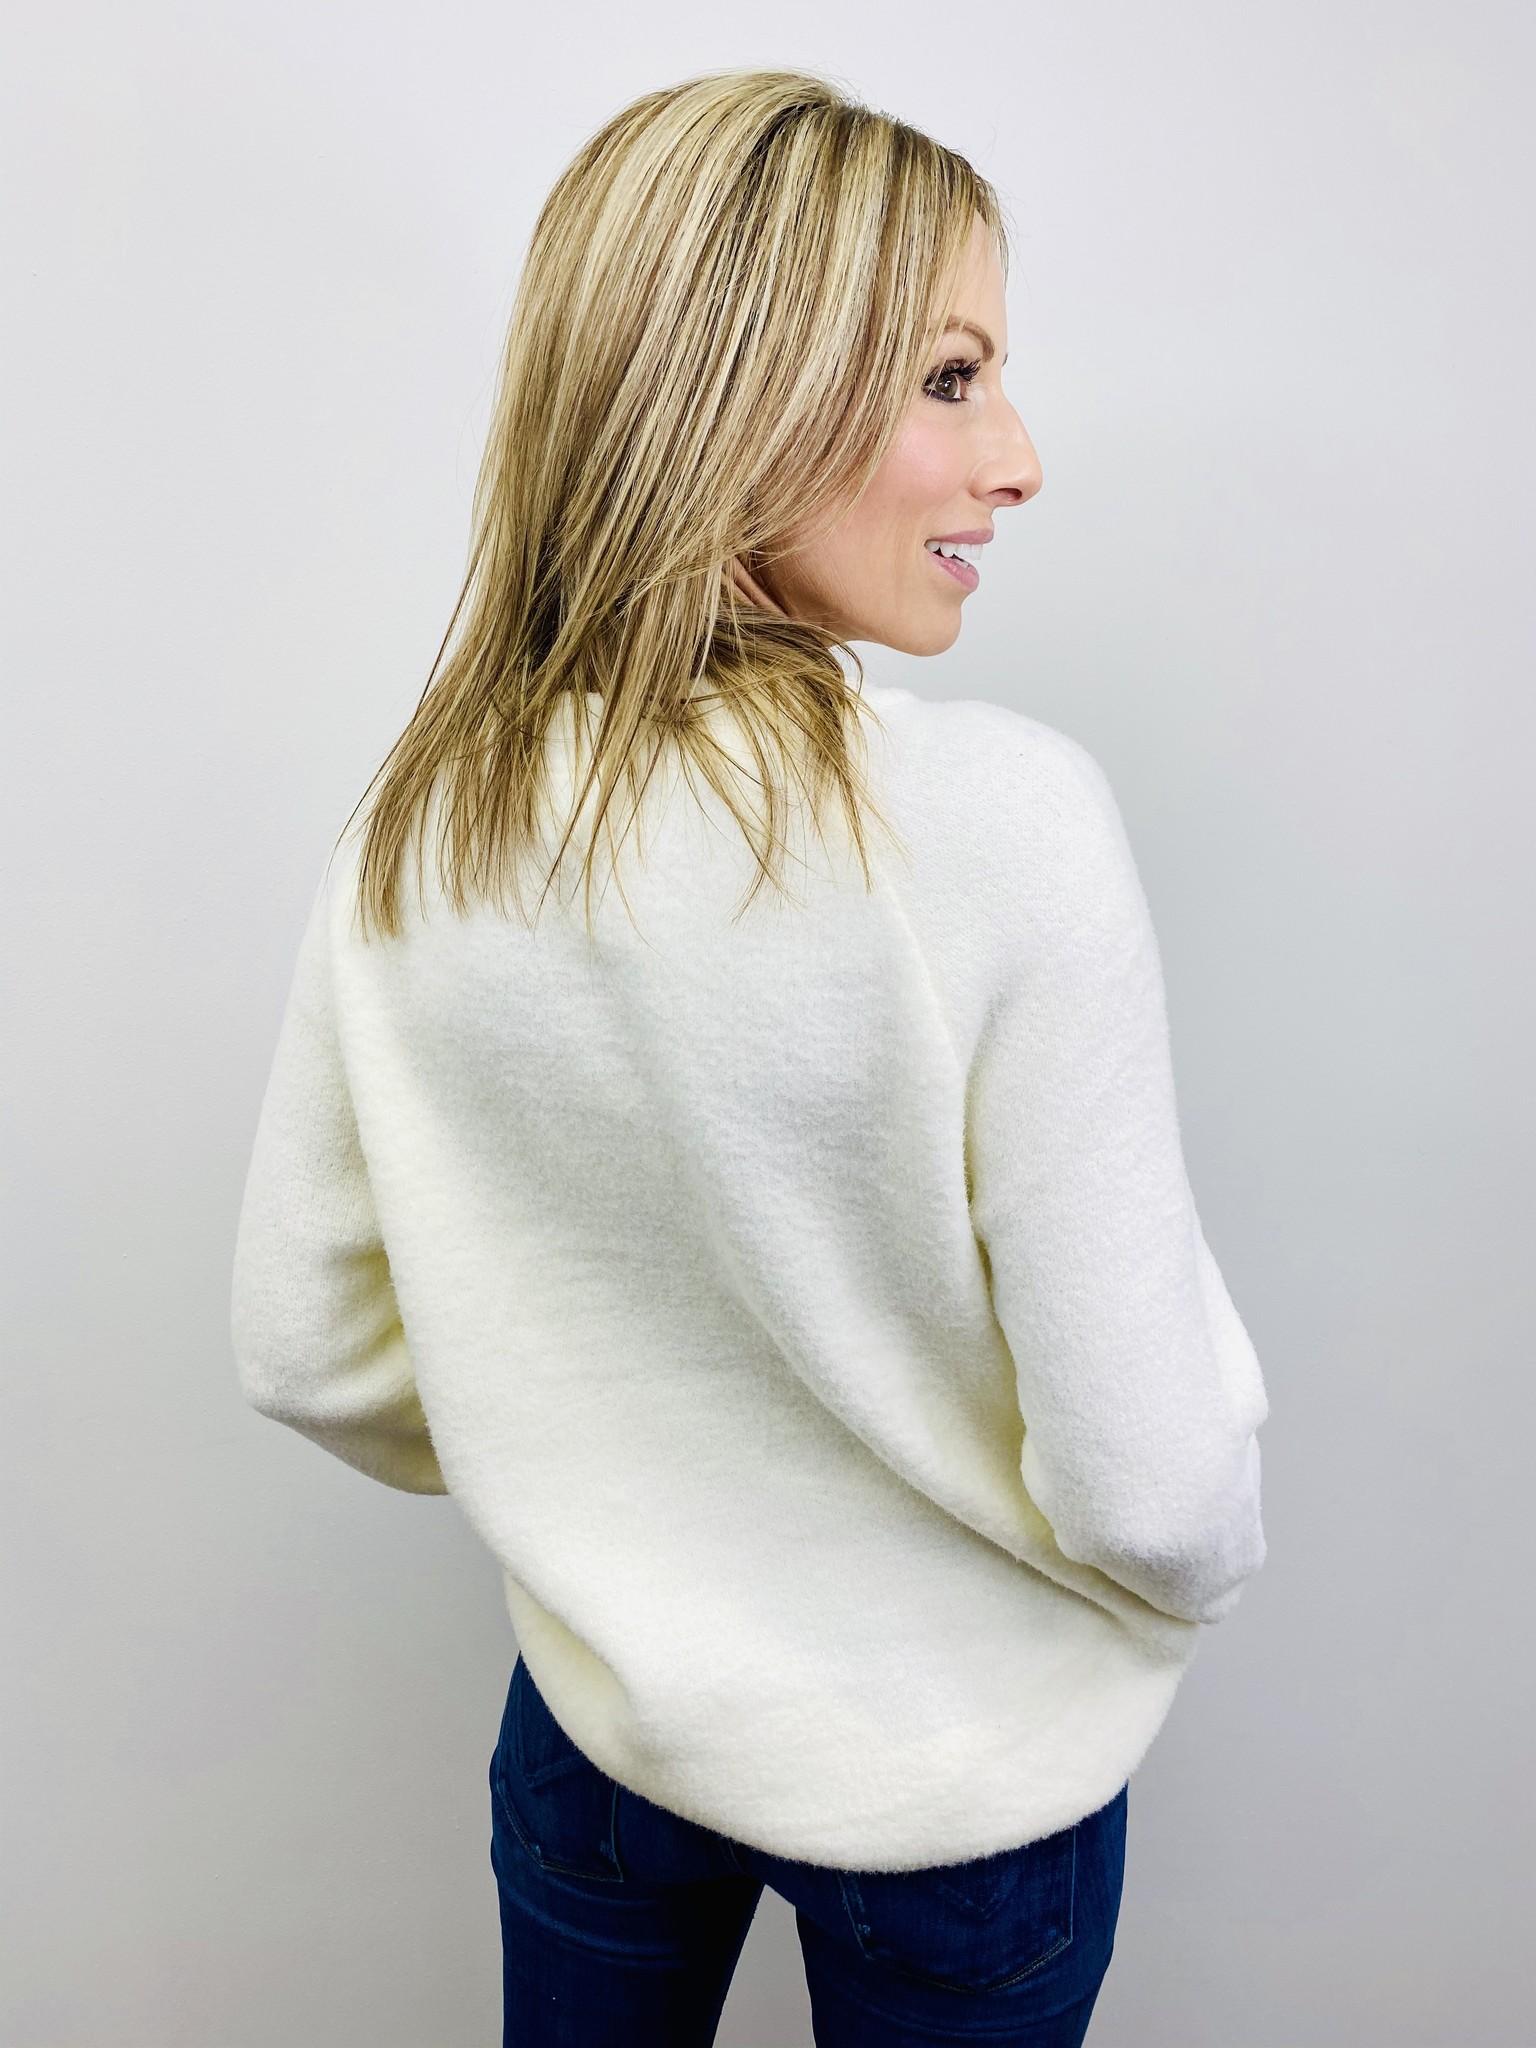 Bibi Super Soft Sweater Tunic in Off White